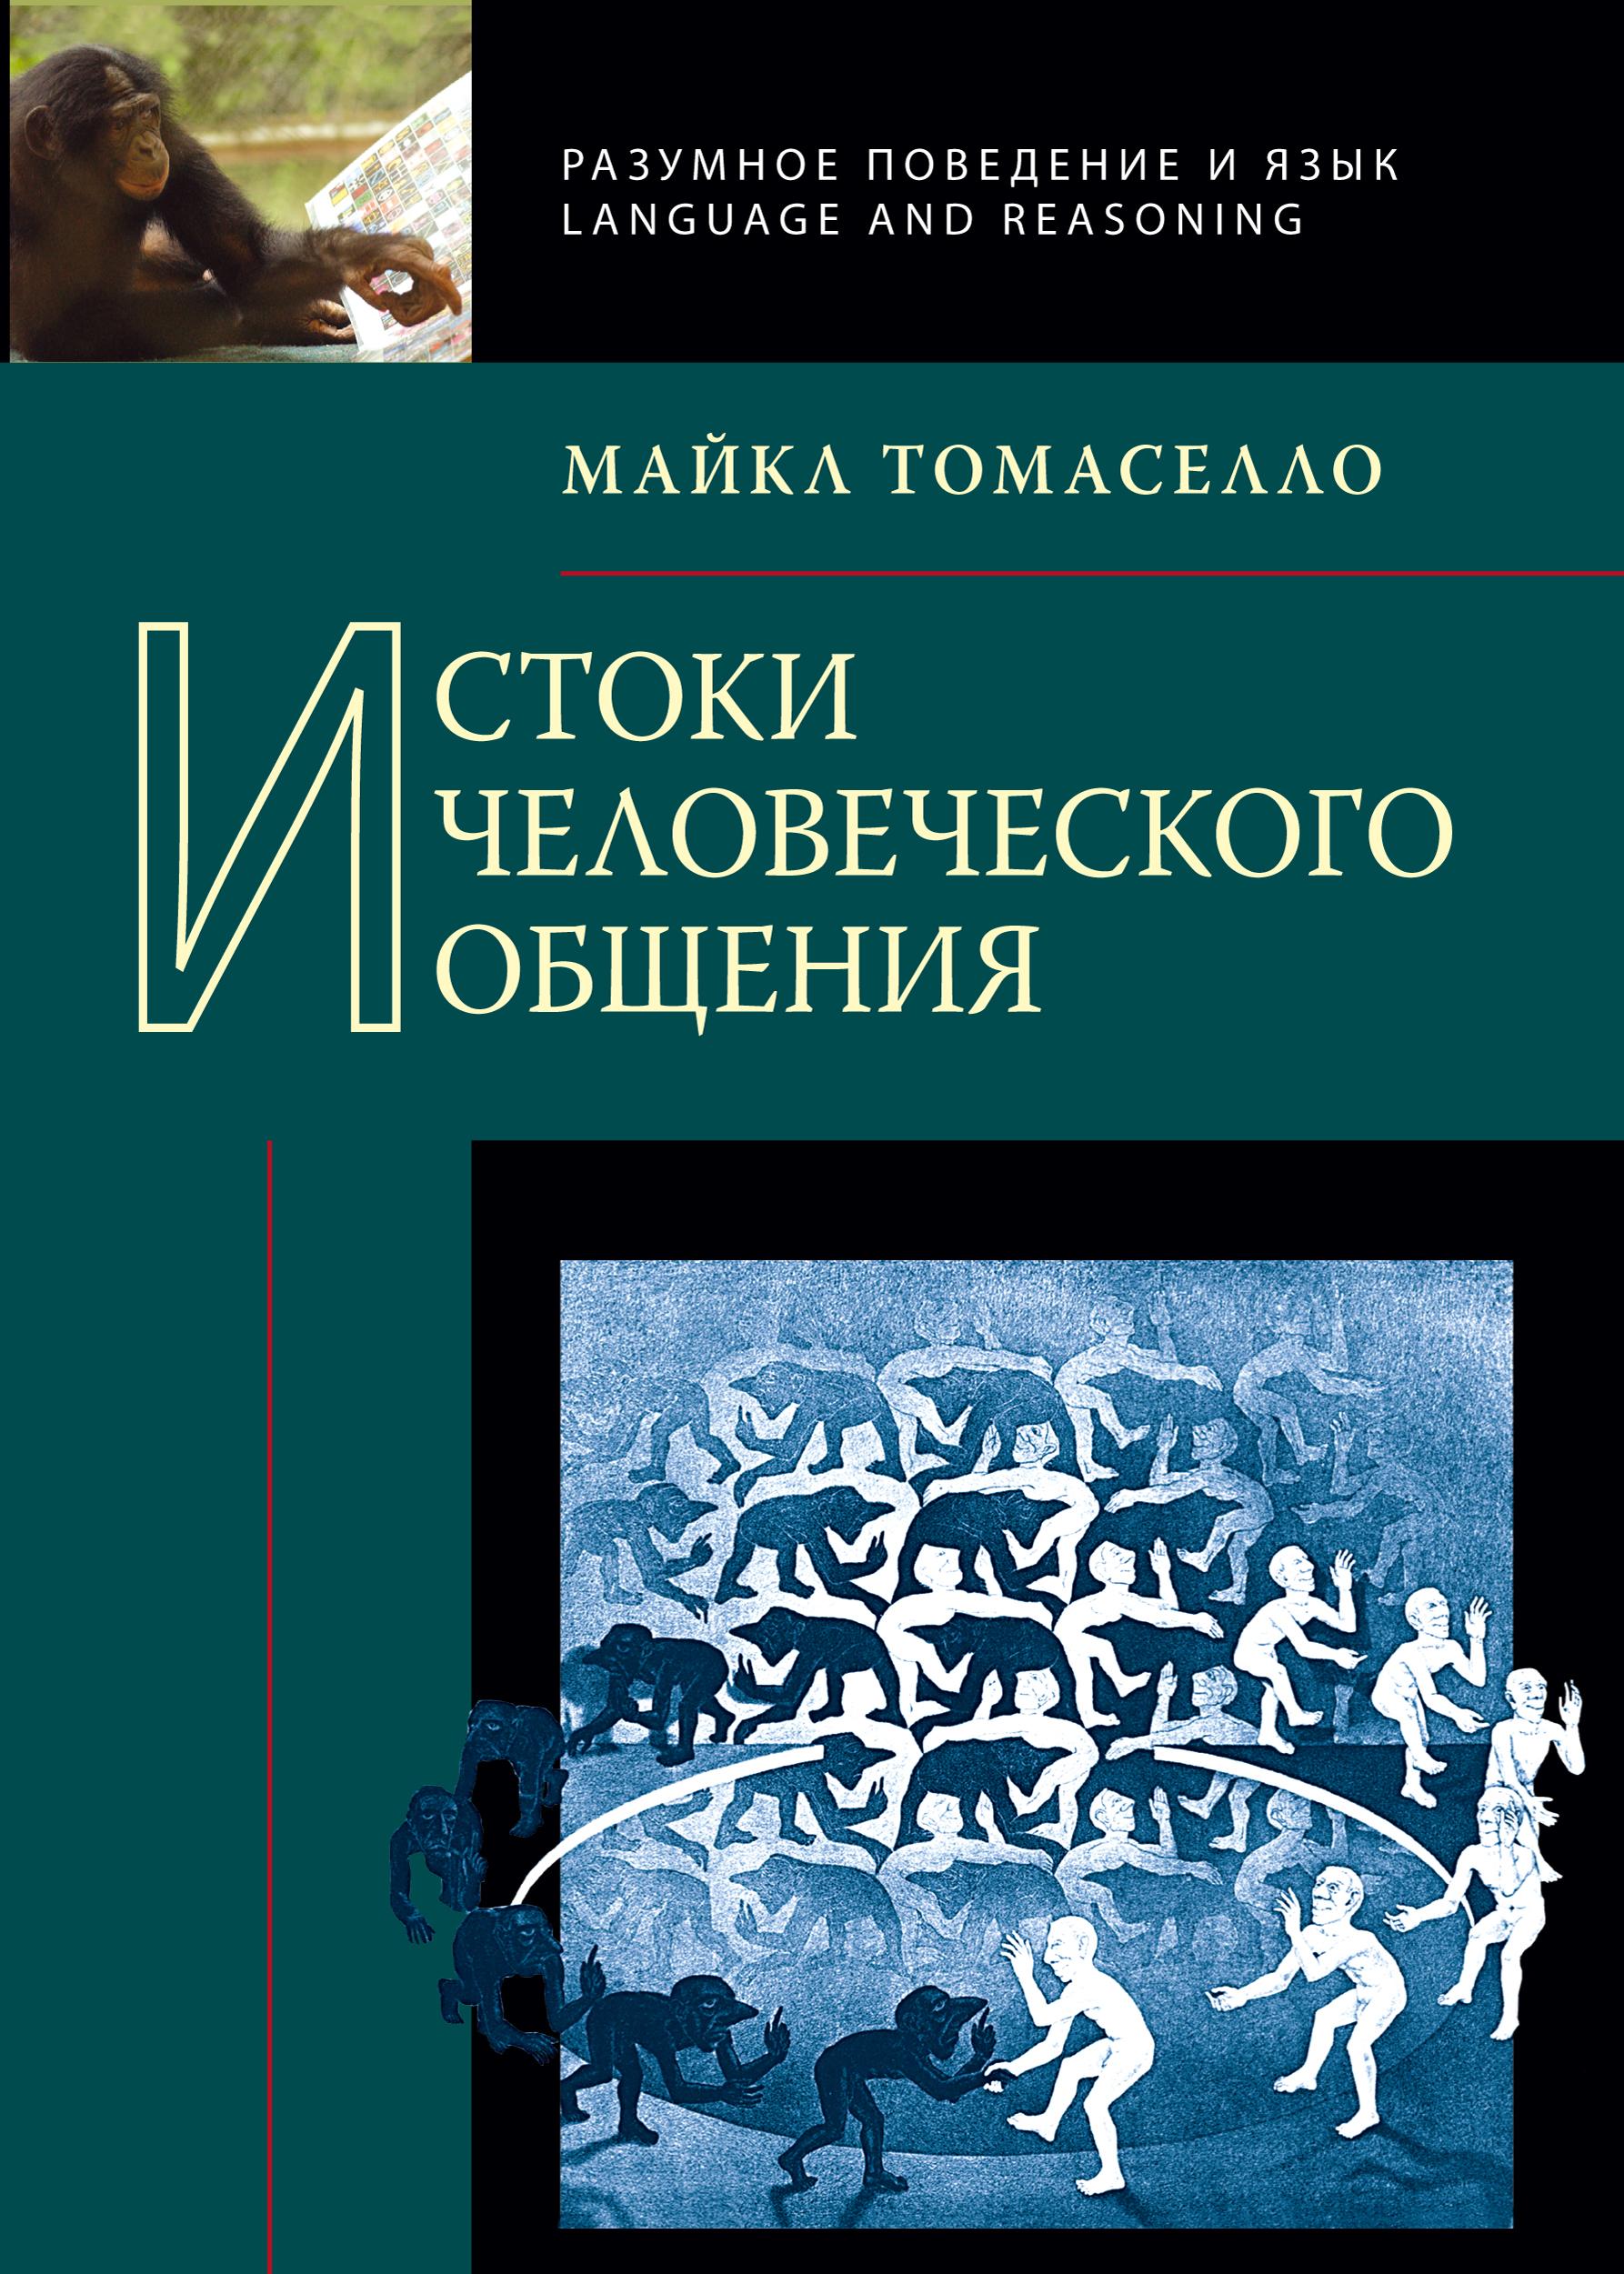 Майкл Томаселло Истоки человеческого общения